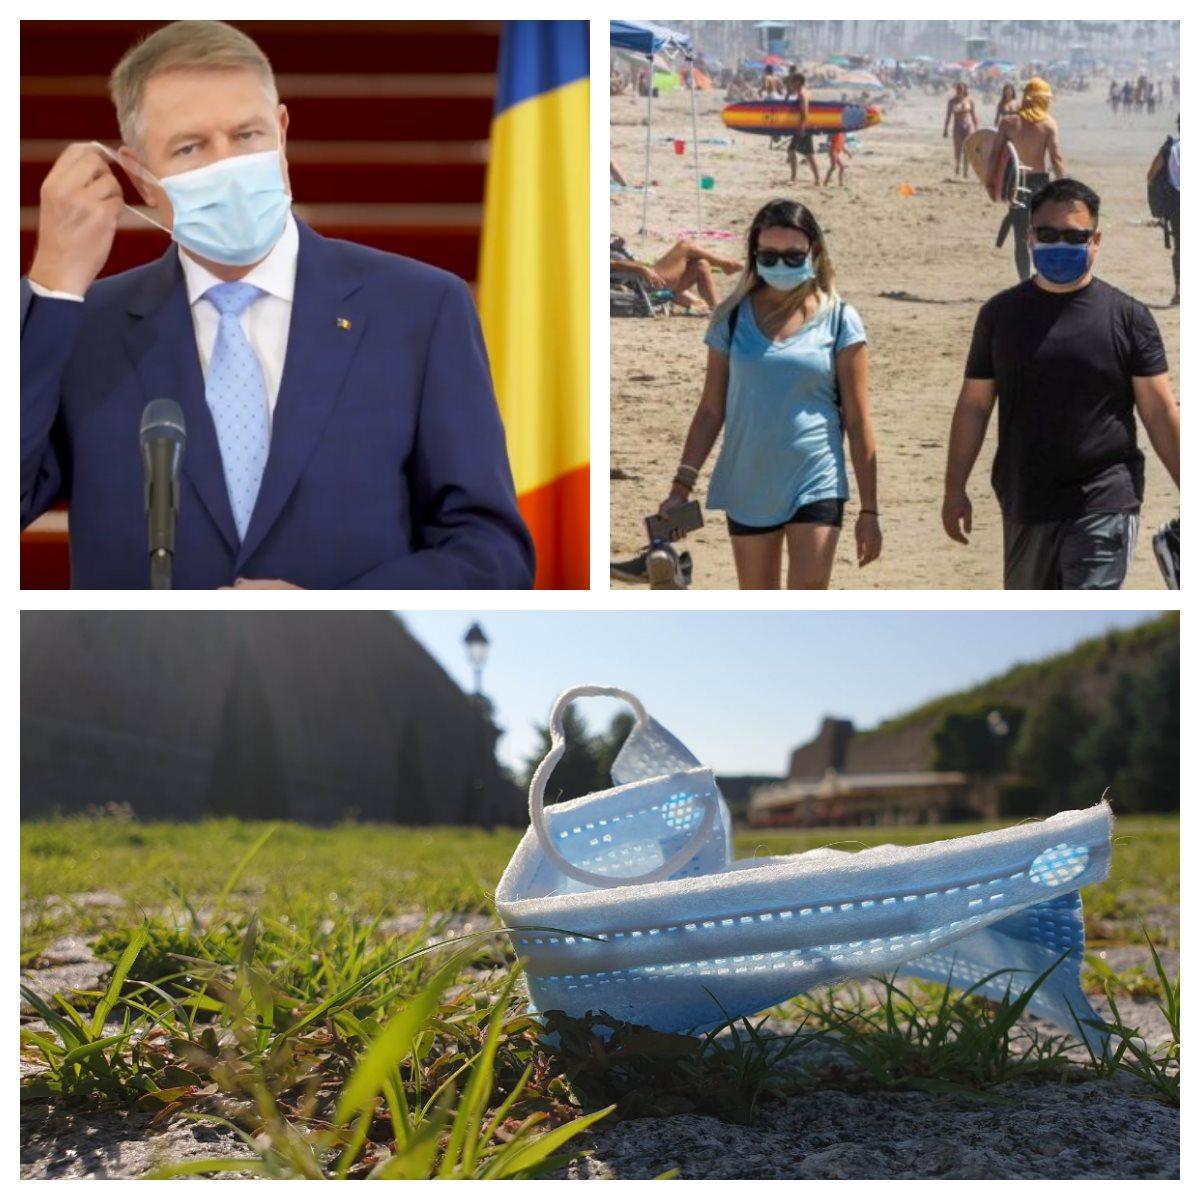 ADIO, mască de protecție din vară?! Iohannis a dat verdictul! Cum vor arăta noile măsuri așteptate de români